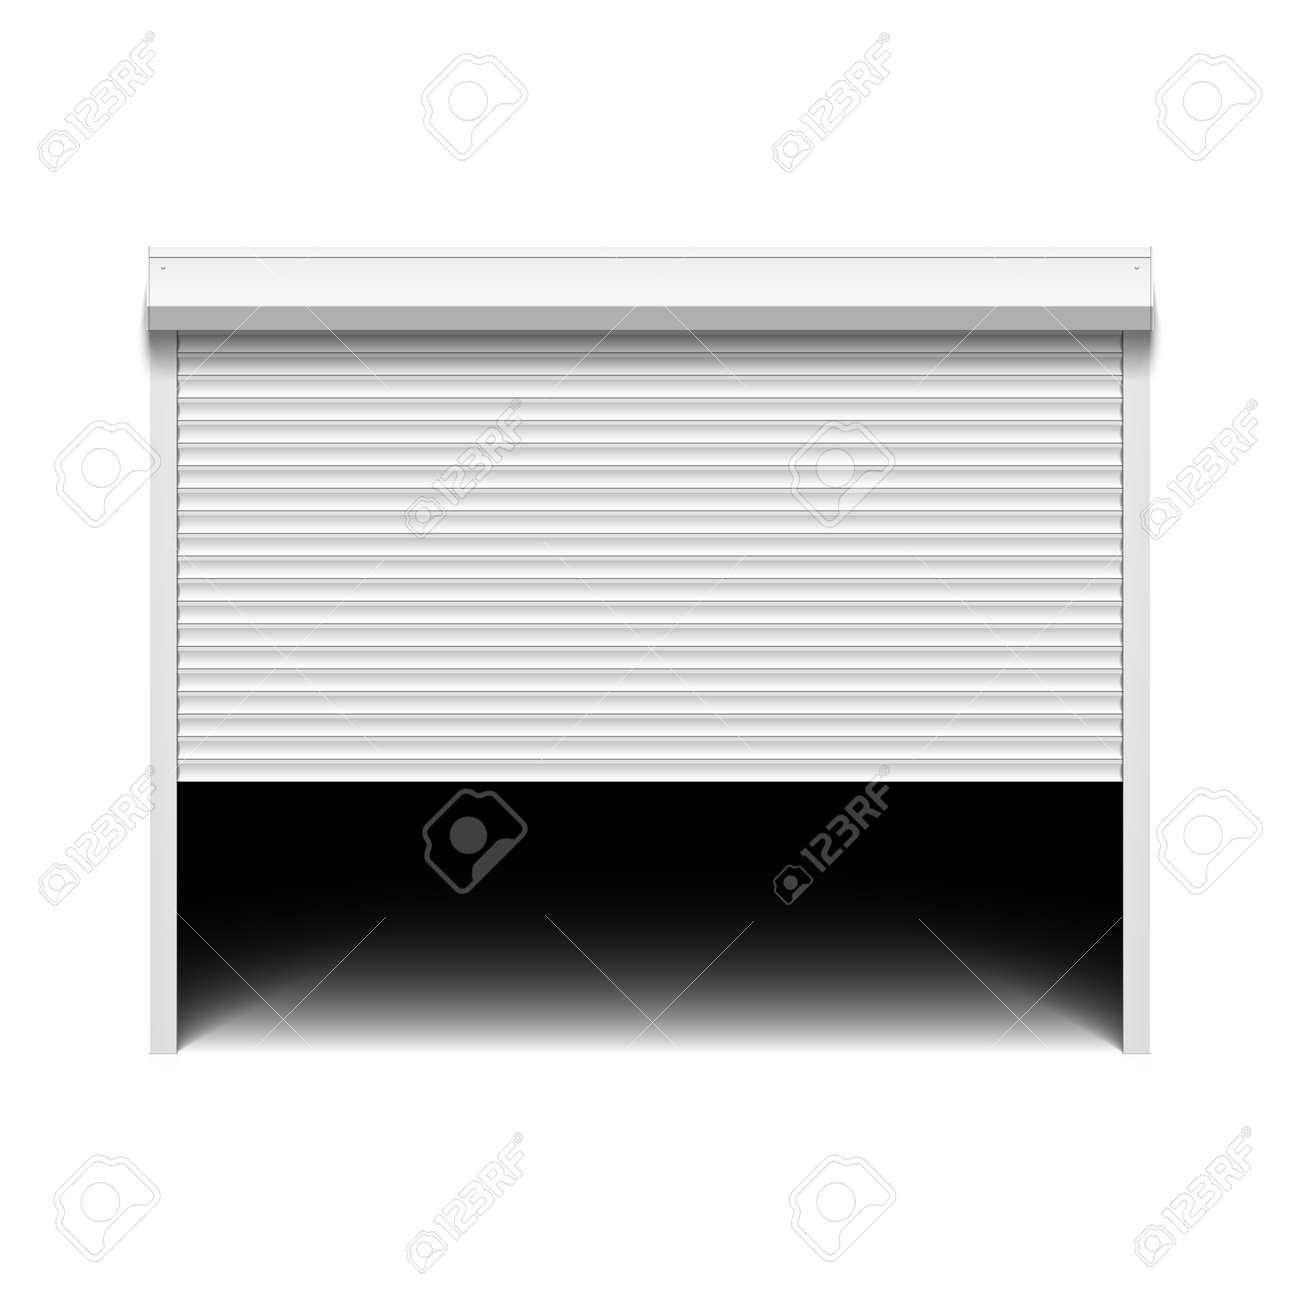 roller shutter garage door royalty free cliparts vectors and stock rh 123rf com garage door images clip art garage door clipart